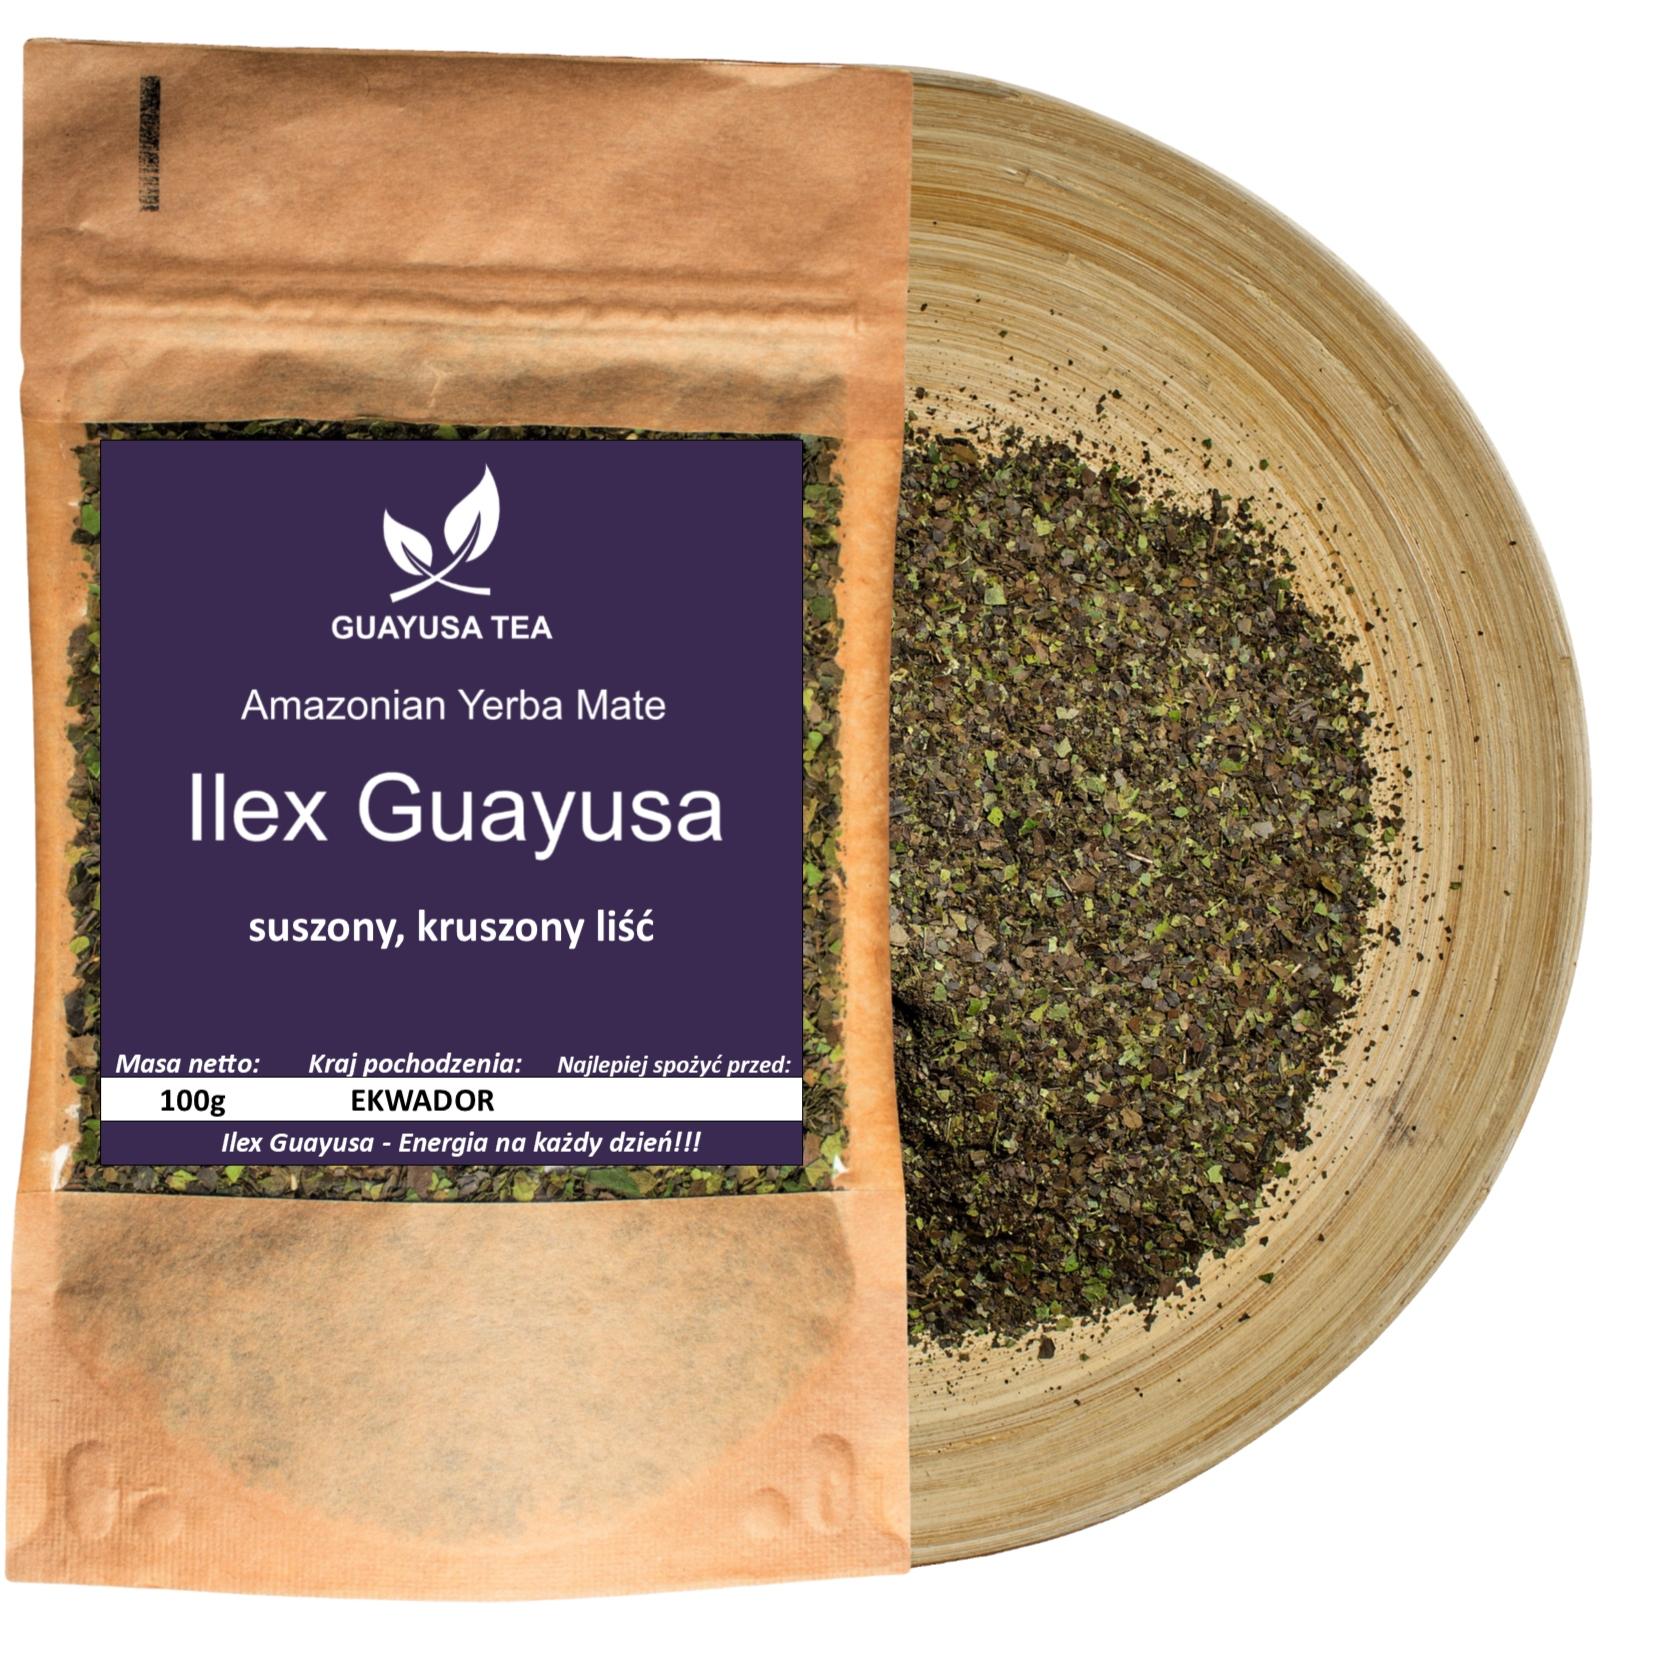 Ilex Guayusa 100g, Energia, Relax, Pobudzenie